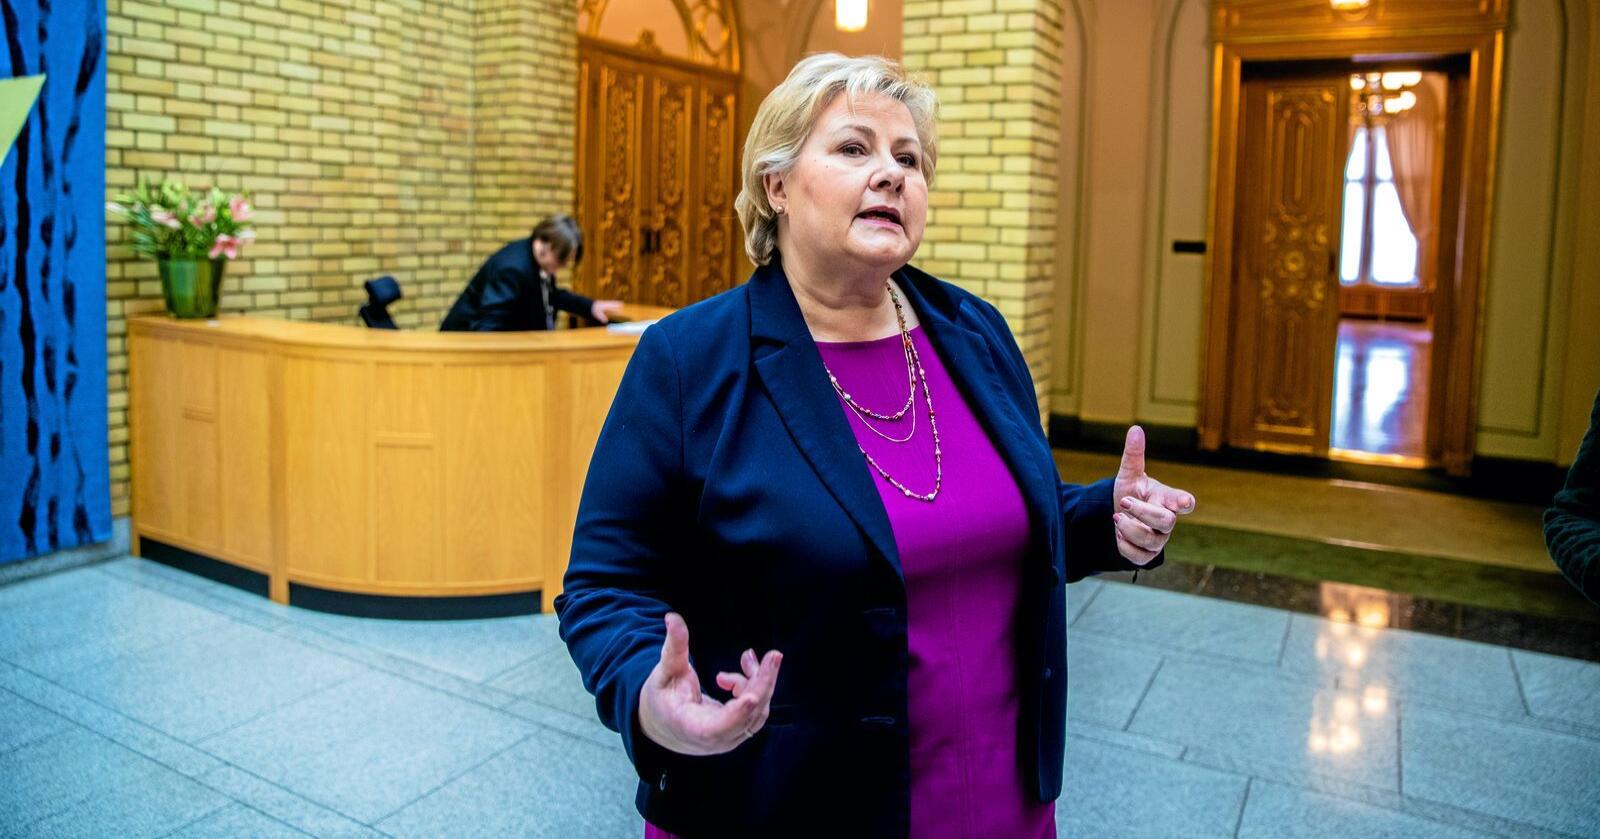 Tabbe: Statsminister Erna Solbergs kommunereform omtales som en tabbe av eksperter på offentlig styring. Foto: Stian Lysberg Solum/NTB scanpix